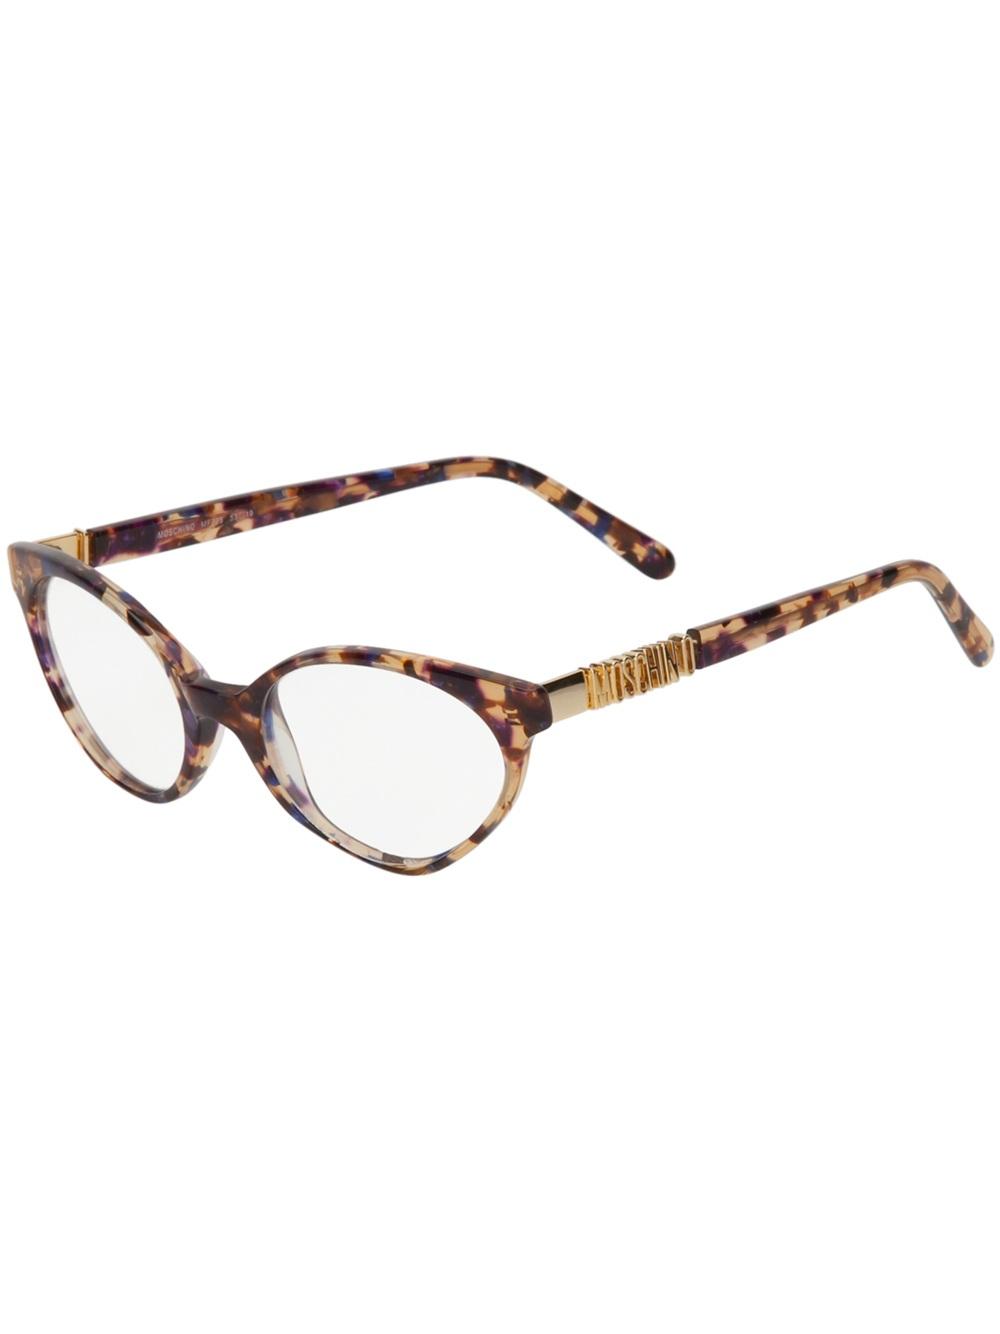 efc7640bf6c Moschino Cat Eye Glasses - Lyst